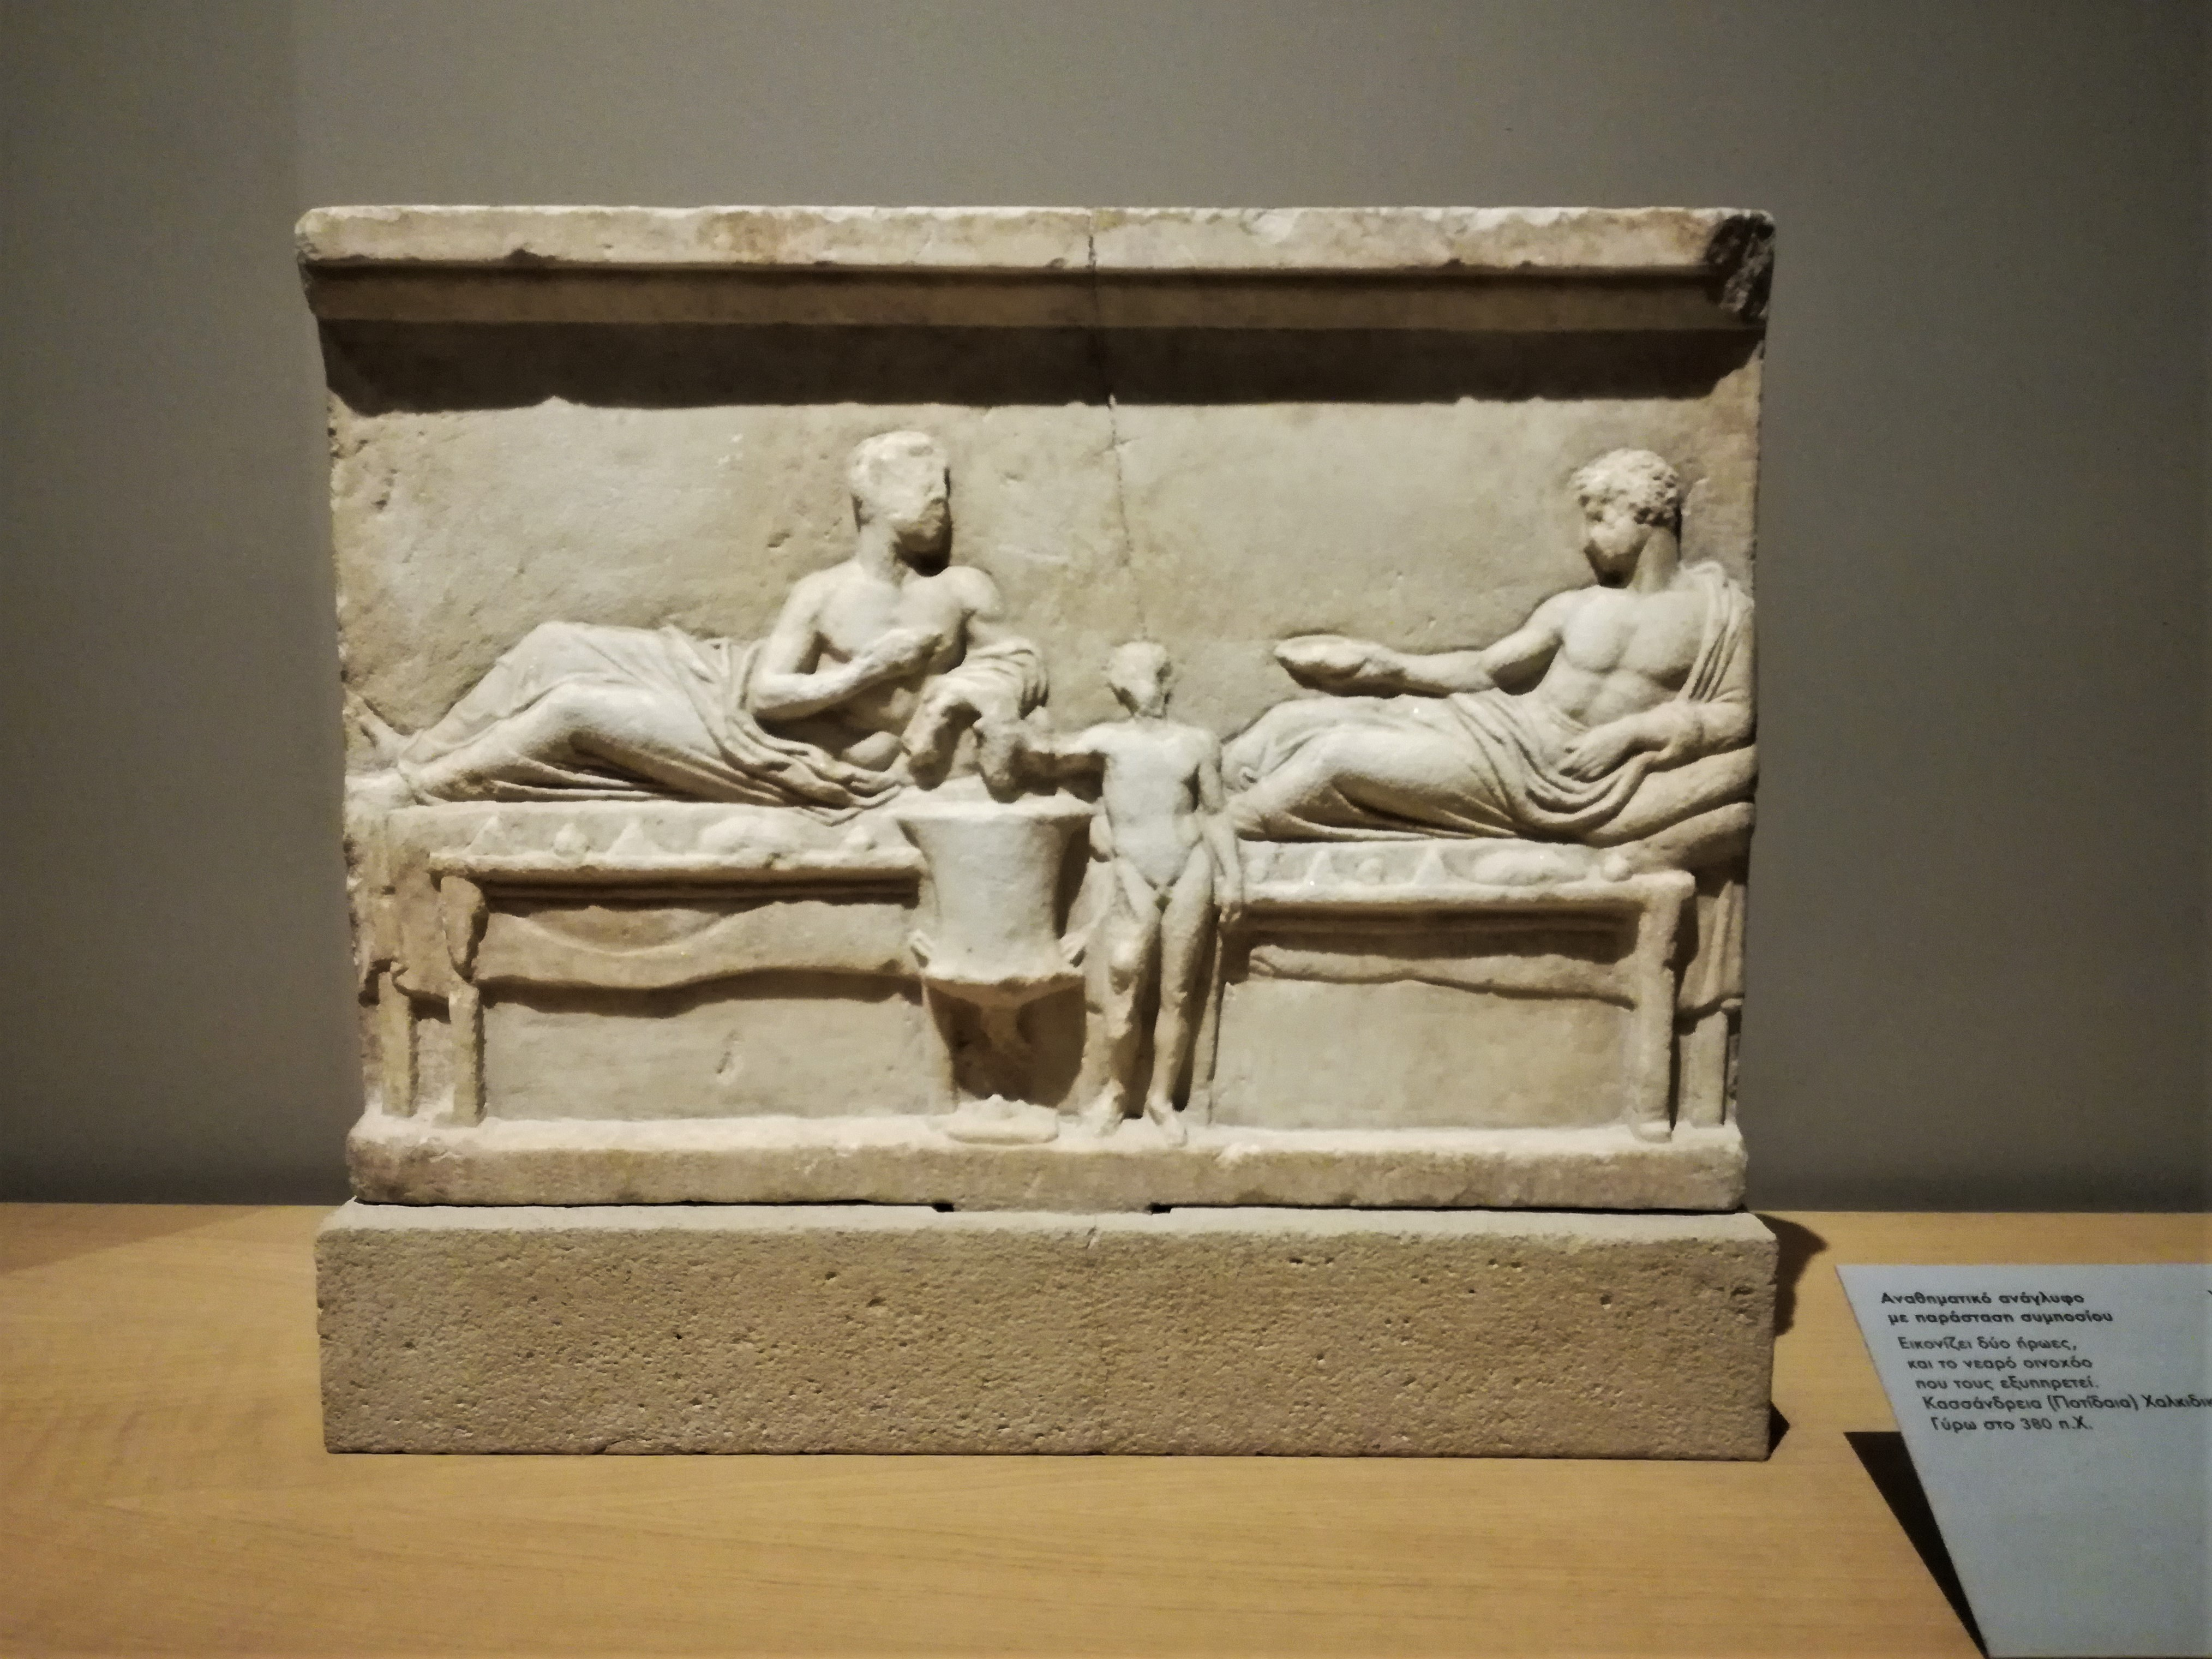 Κρασί, ο καθρέπτης των ανθρώπων, οινική περιήγηση στο Αρχαιολογικό Μουσείο Θεσσαλονίκης.